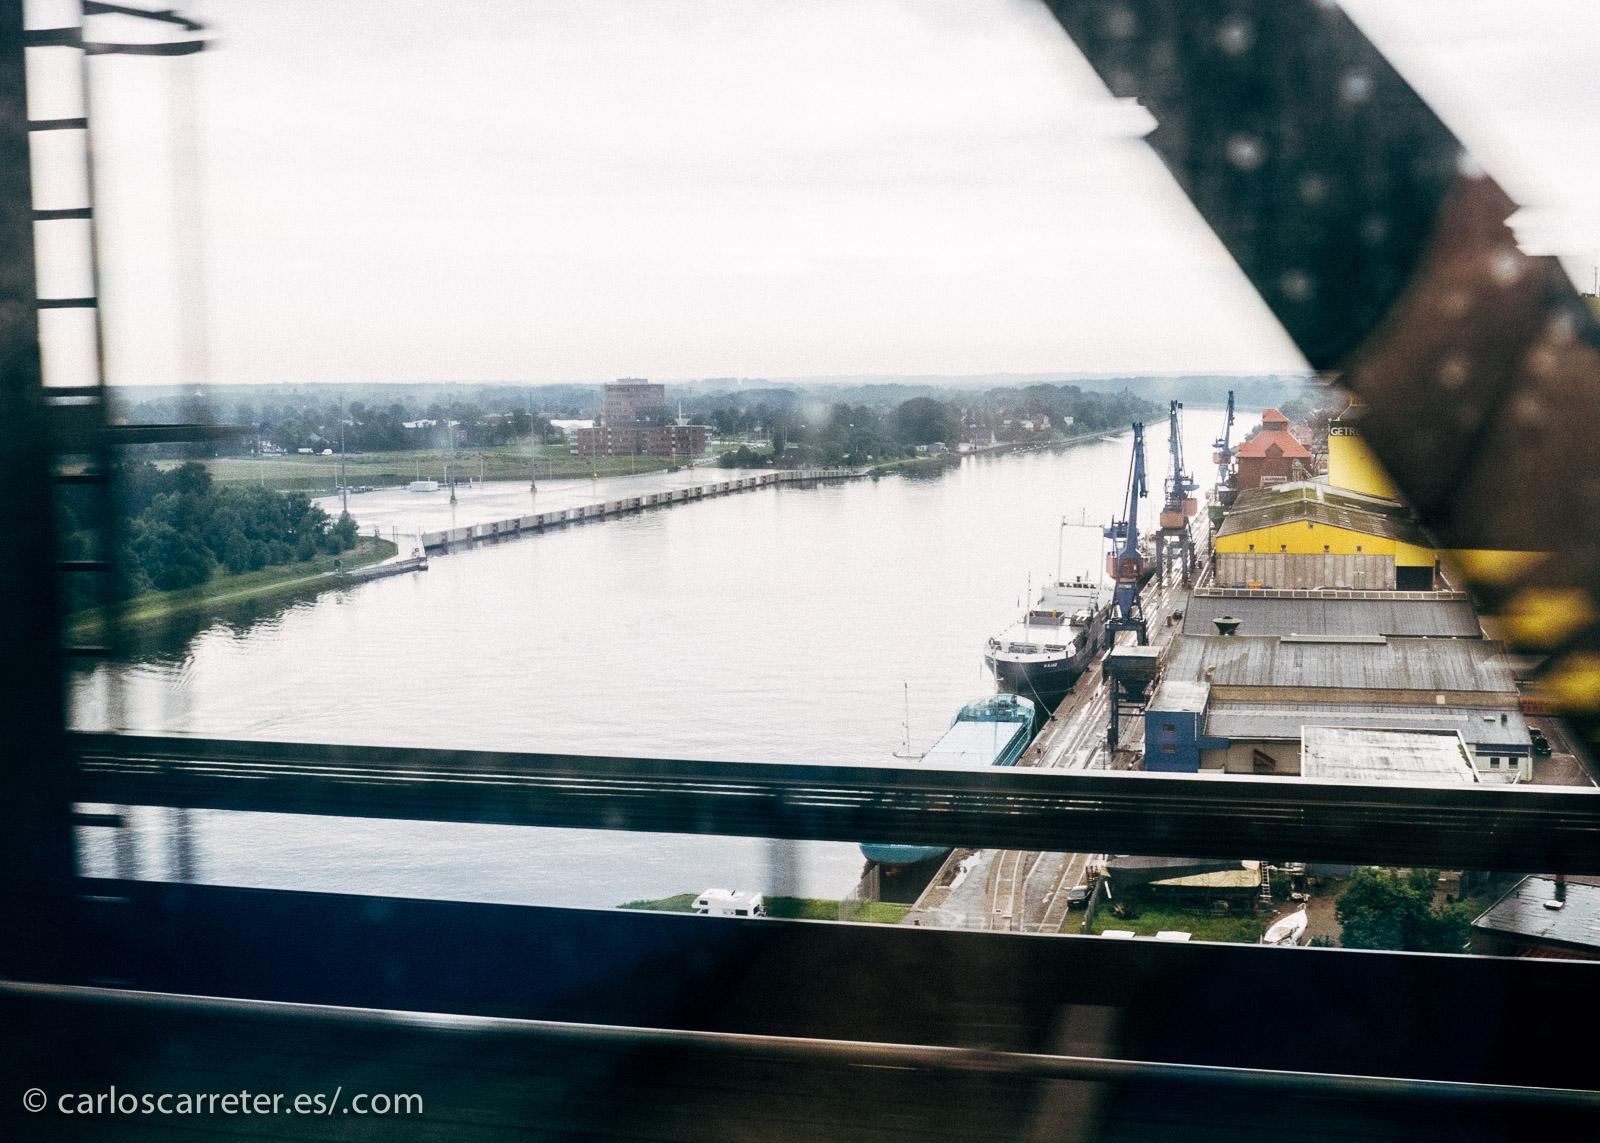 La Guerra de los Ducados o Segunda Guerra de Schleswig fue un conflicto, el segundo, por la soberanía de los ducados de Schleswig y Holstein. Por allí pasé yo en tren en 2011. En la fotografía, el canal de Kiel.